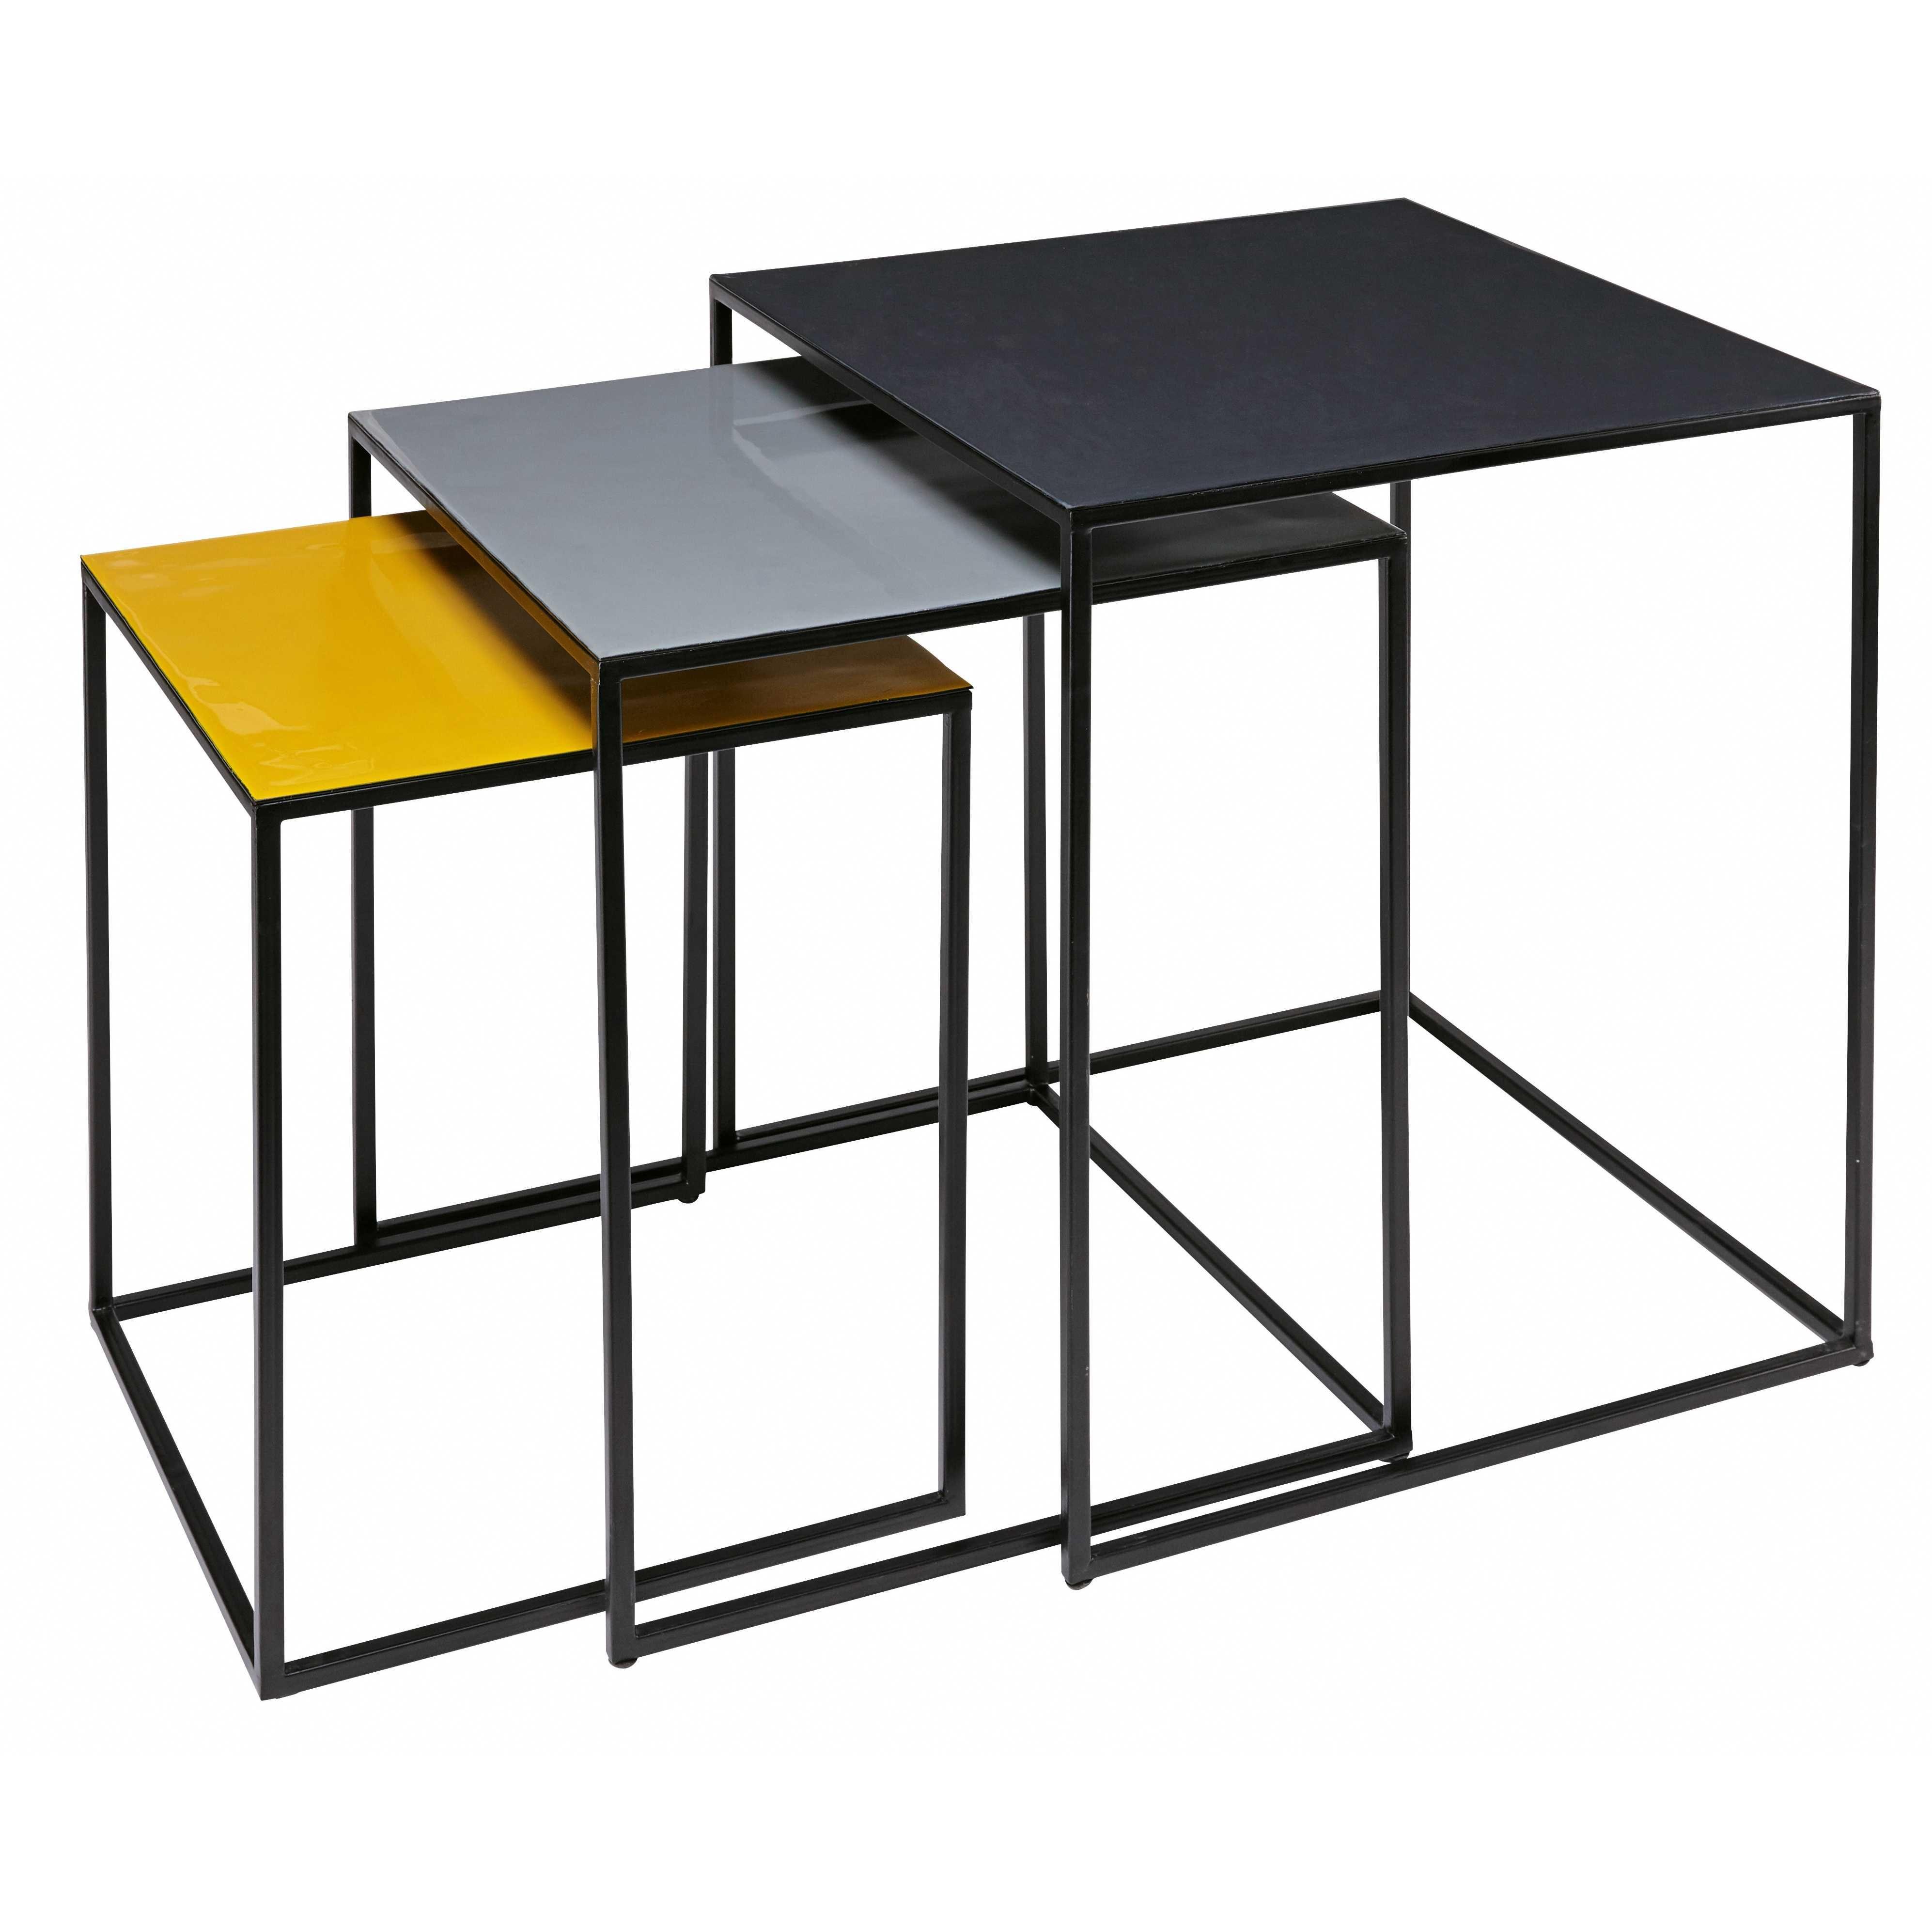 Tolle Küchentische Sätze Fotos - Ideen Für Die Küche Dekoration ...